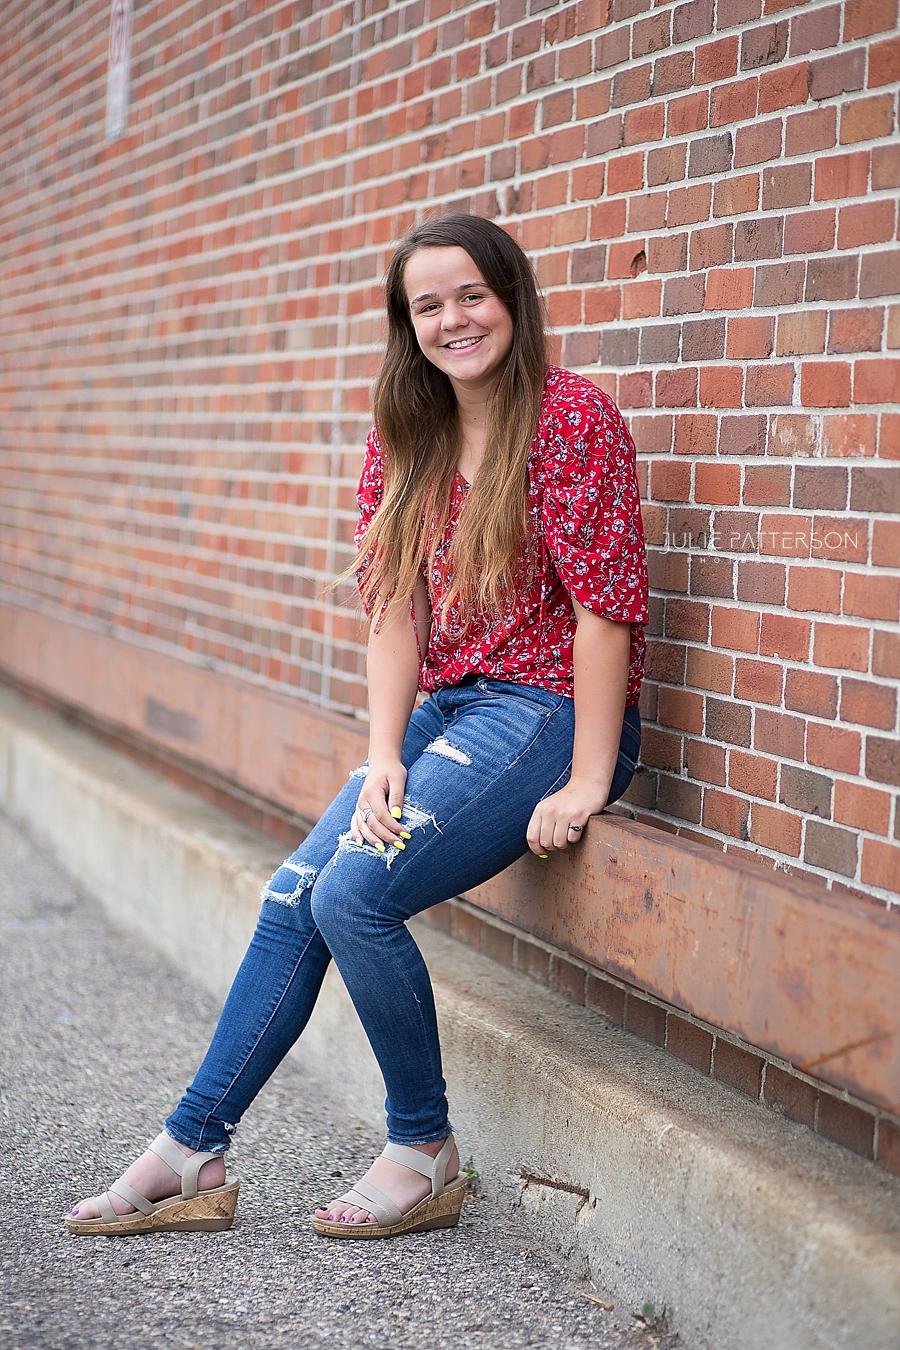 Julie Patterson Photography Farmington hills high school senior photographer Farmington hills michigan